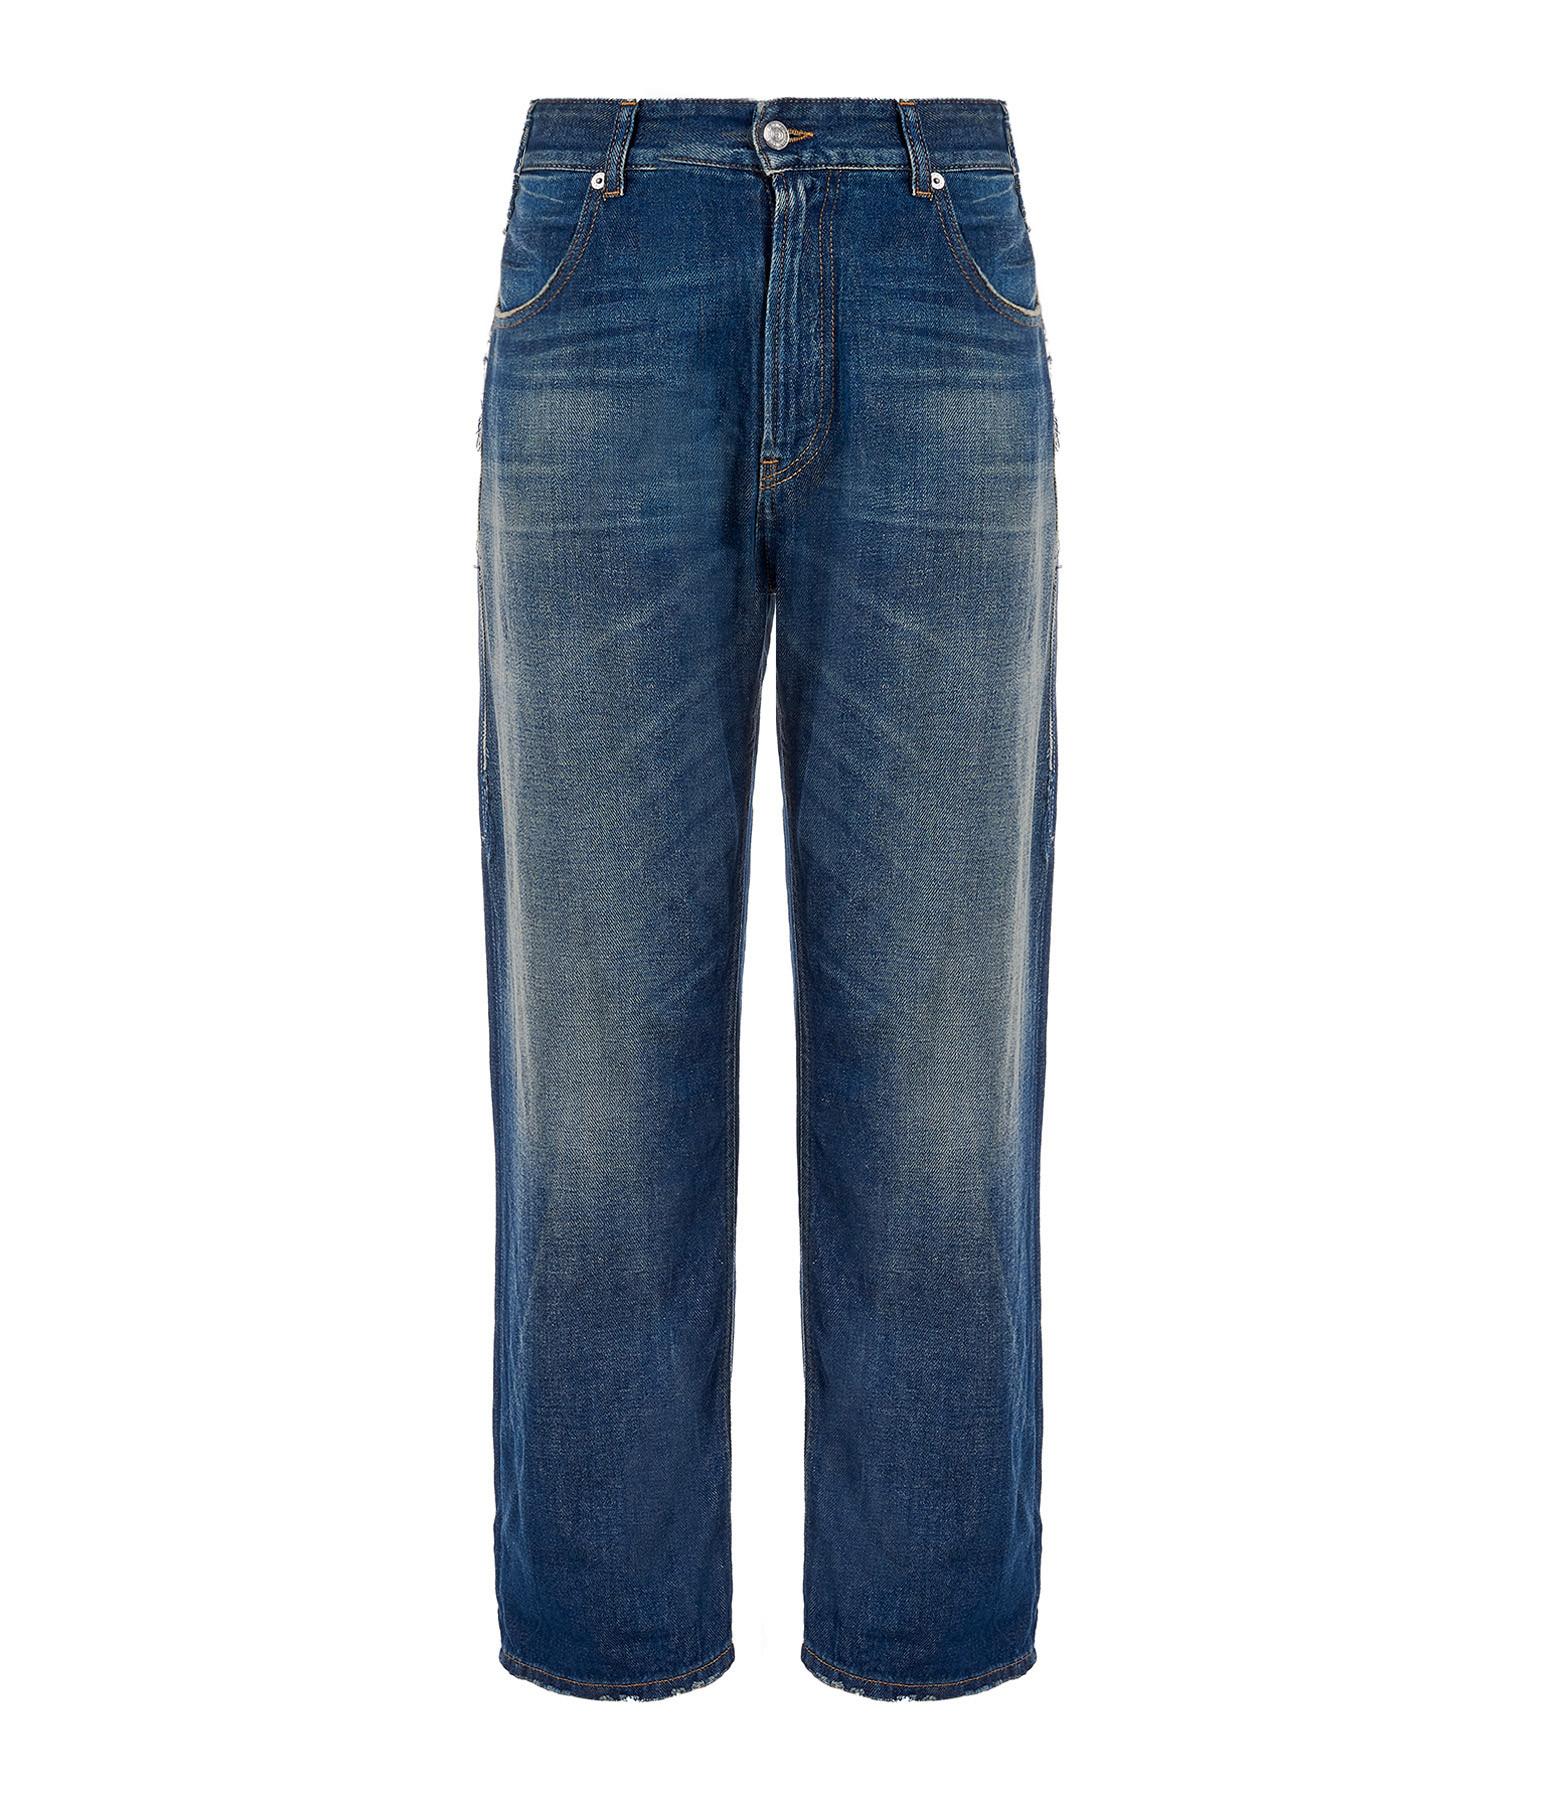 MM6 MAISON MARGIELA - Pantalon Délavé